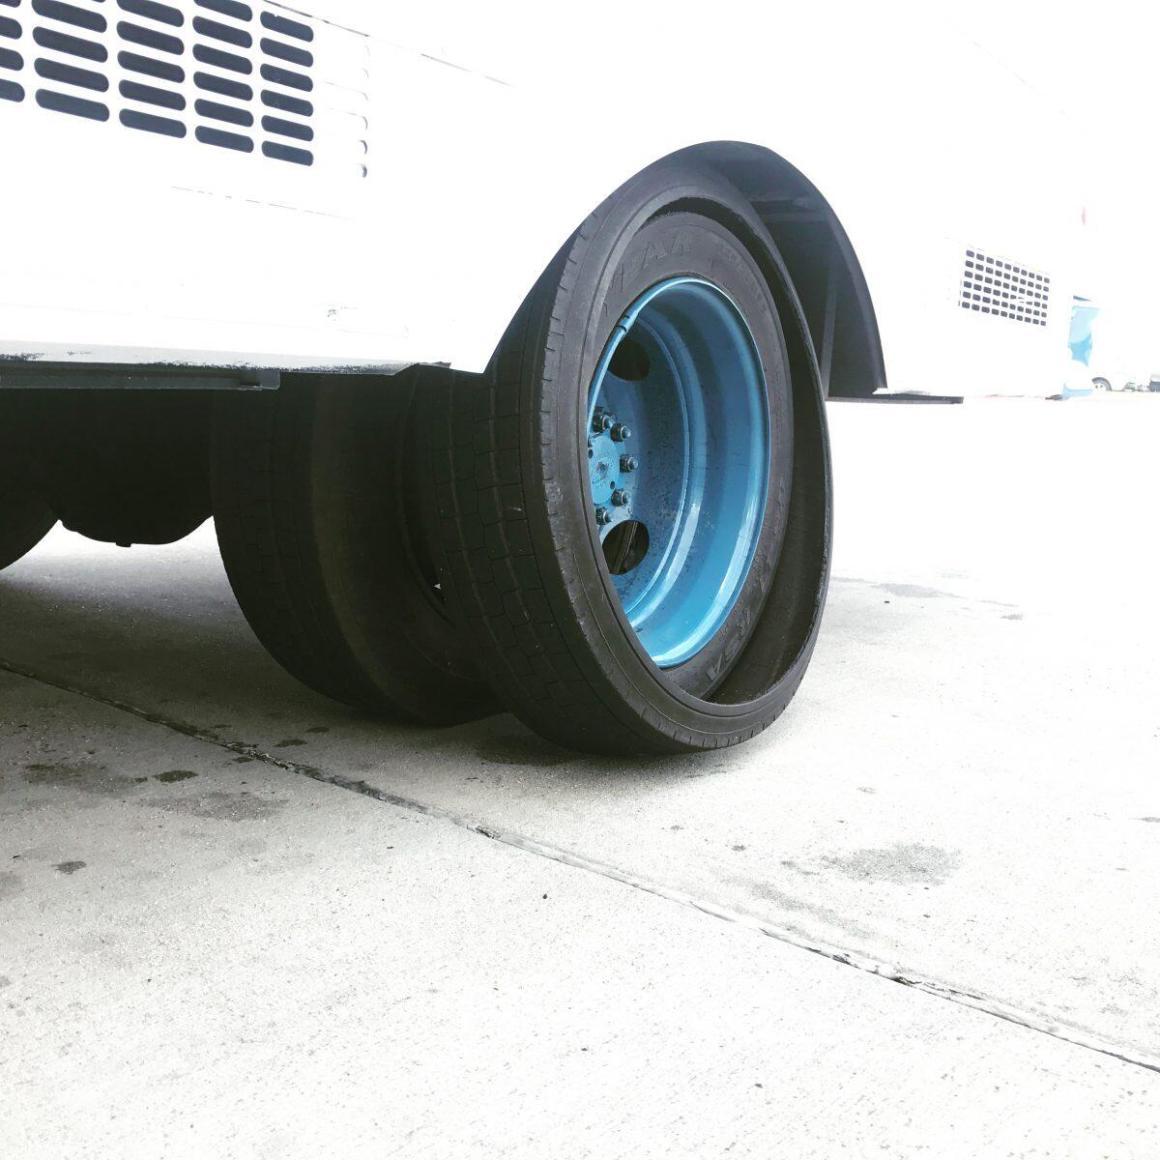 Tire go boom.